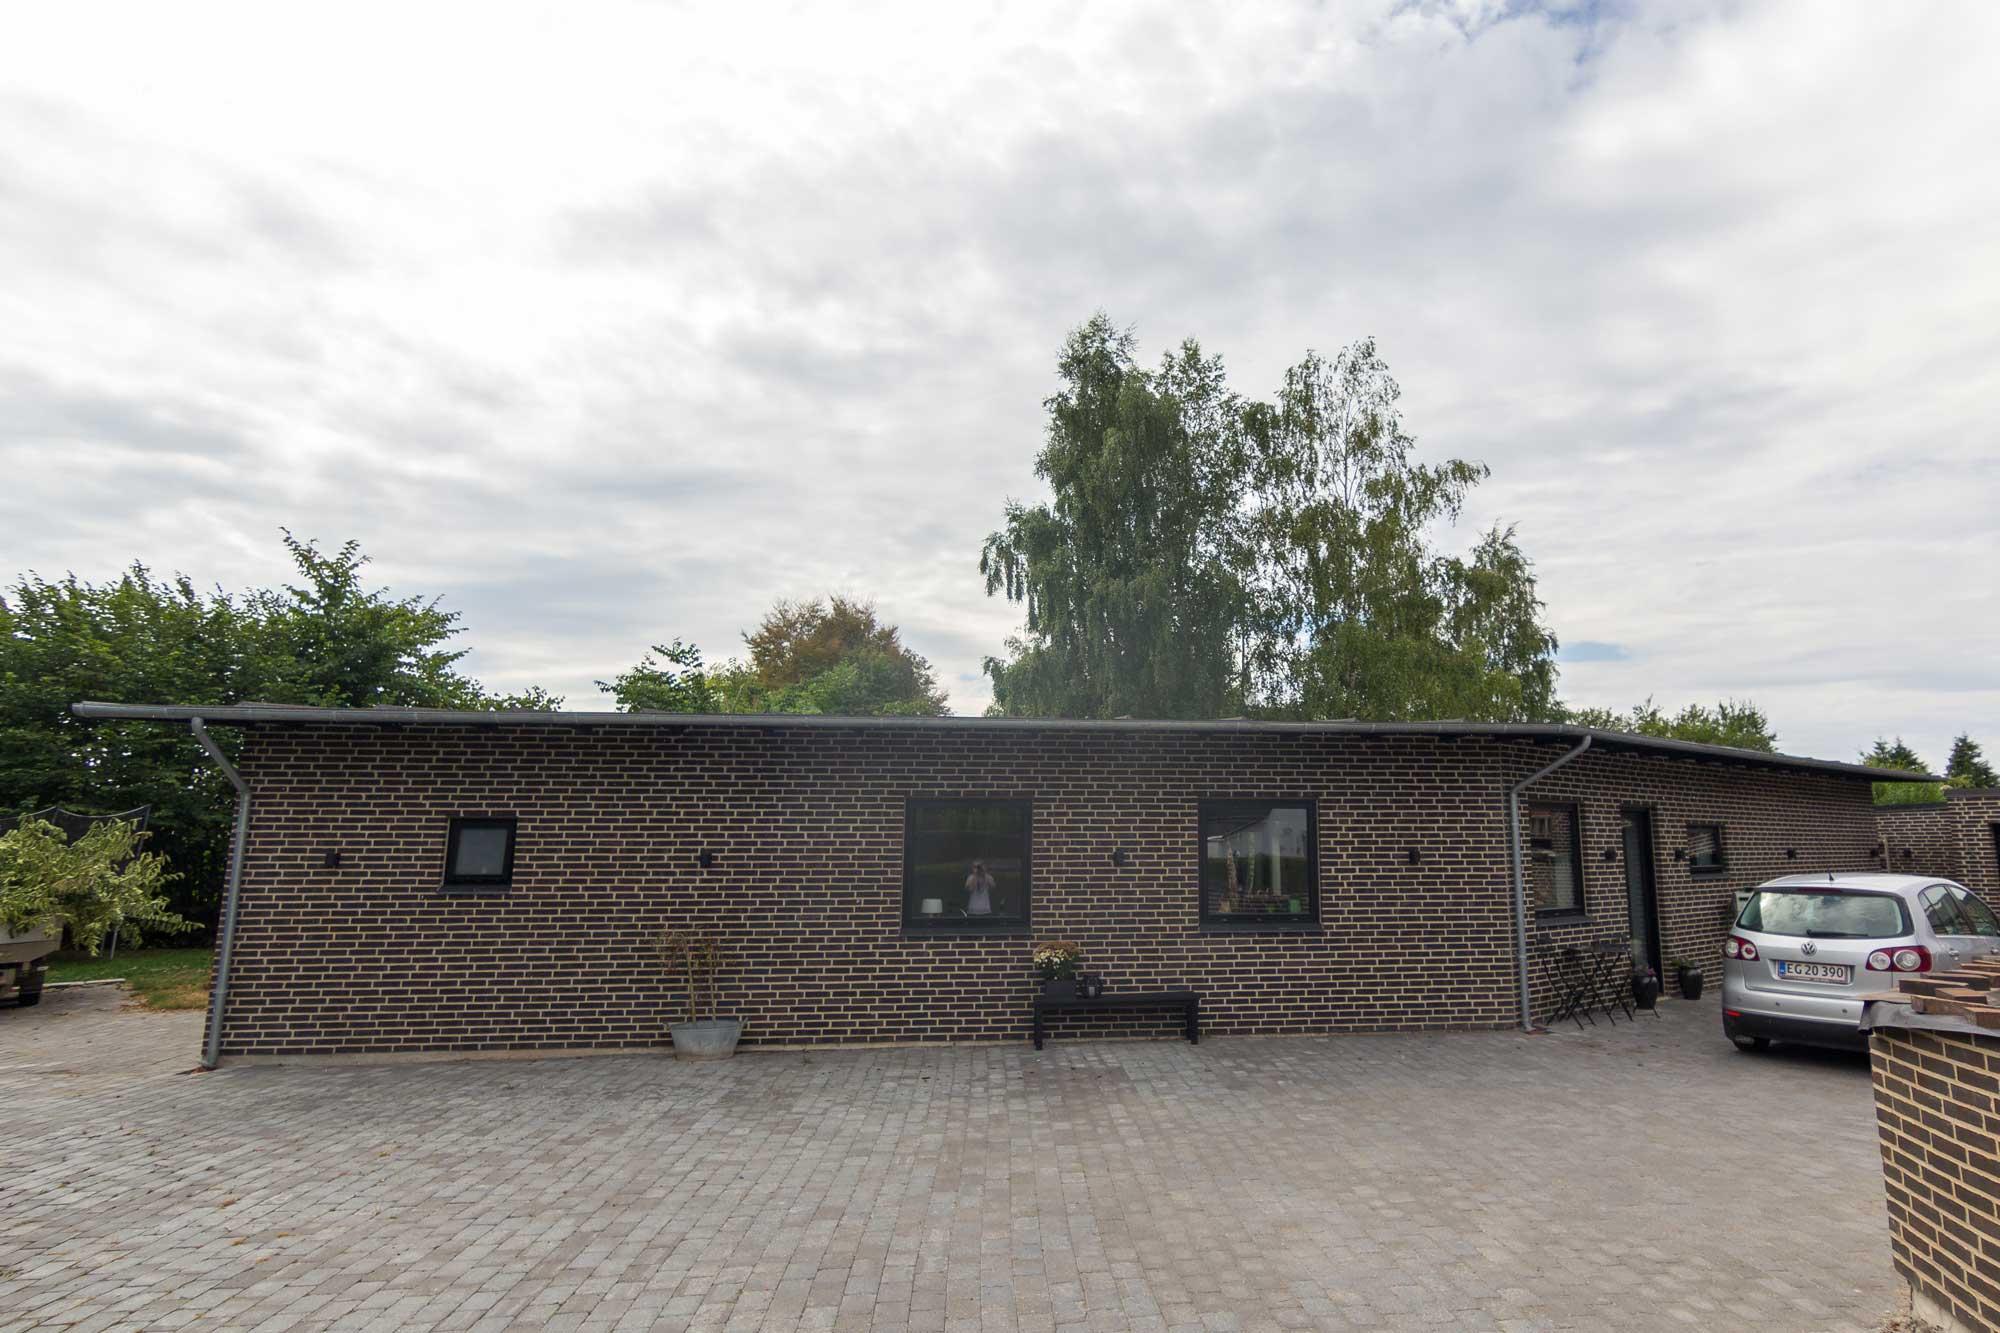 Odensevej_174B_Middelfart-1